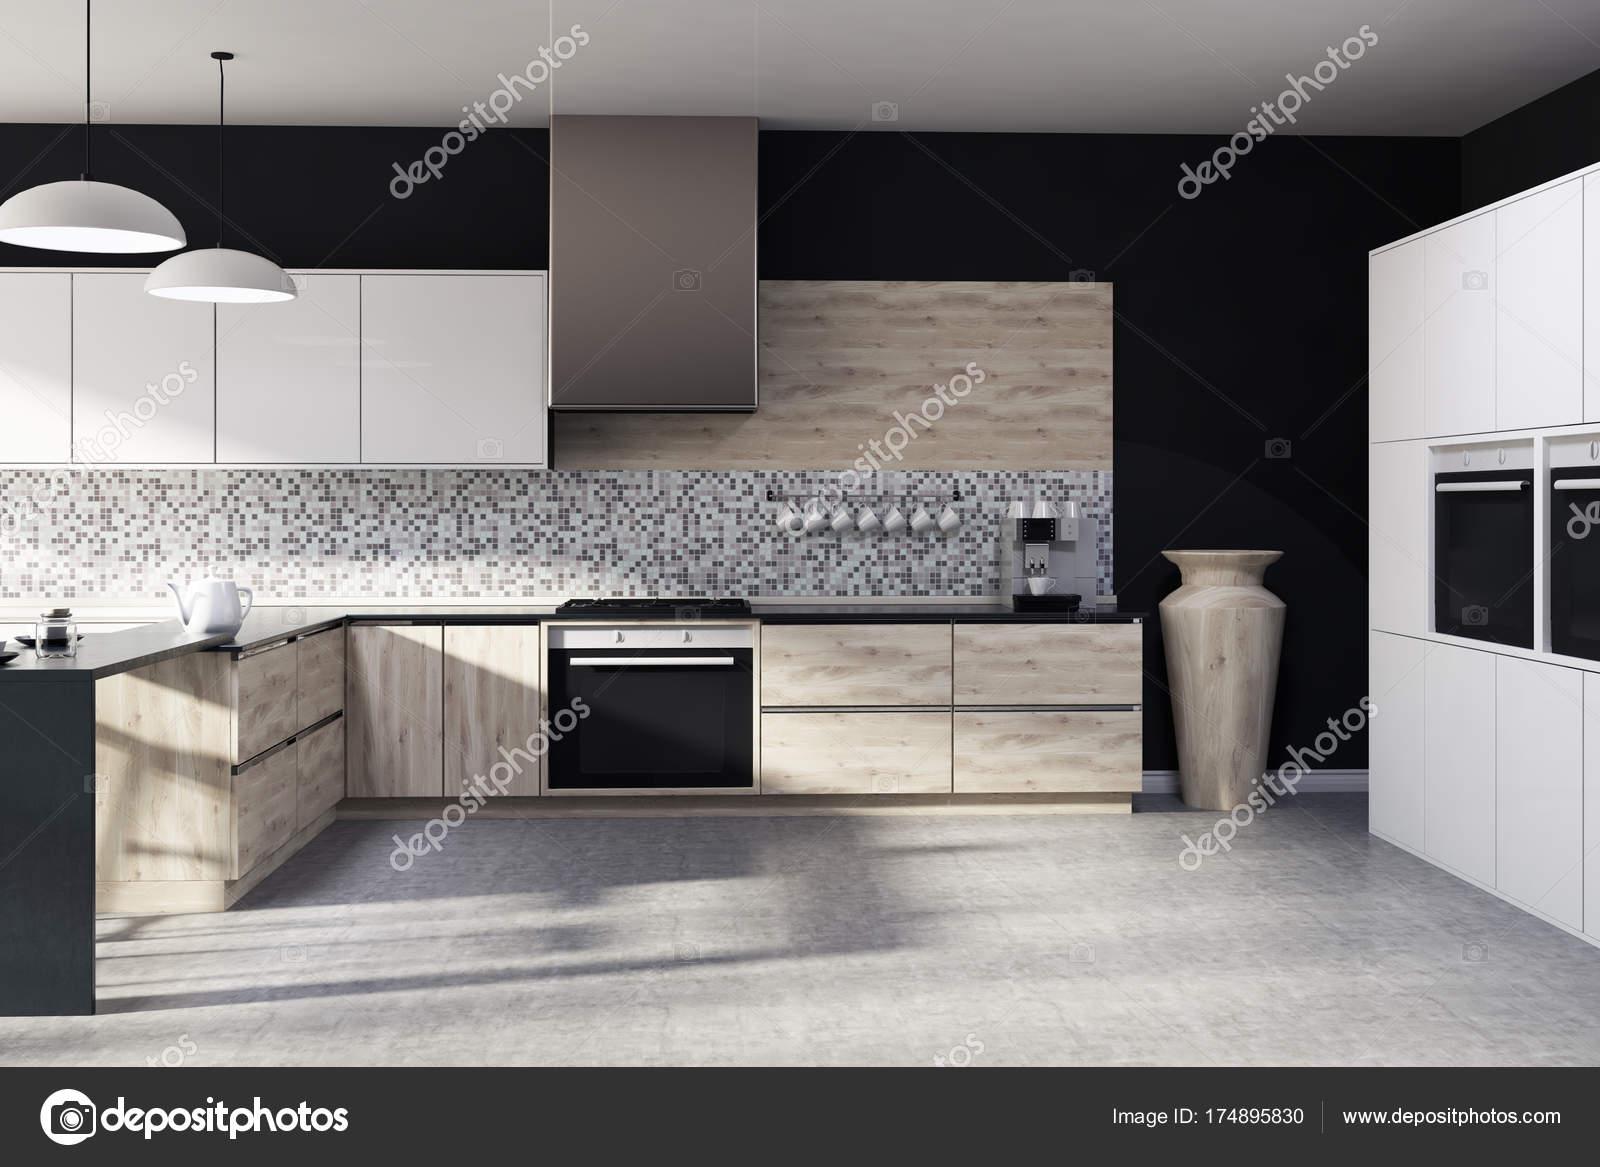 Kuchnia Czarne Mozaiki Zdjęcie Stockowe Denisismagilov